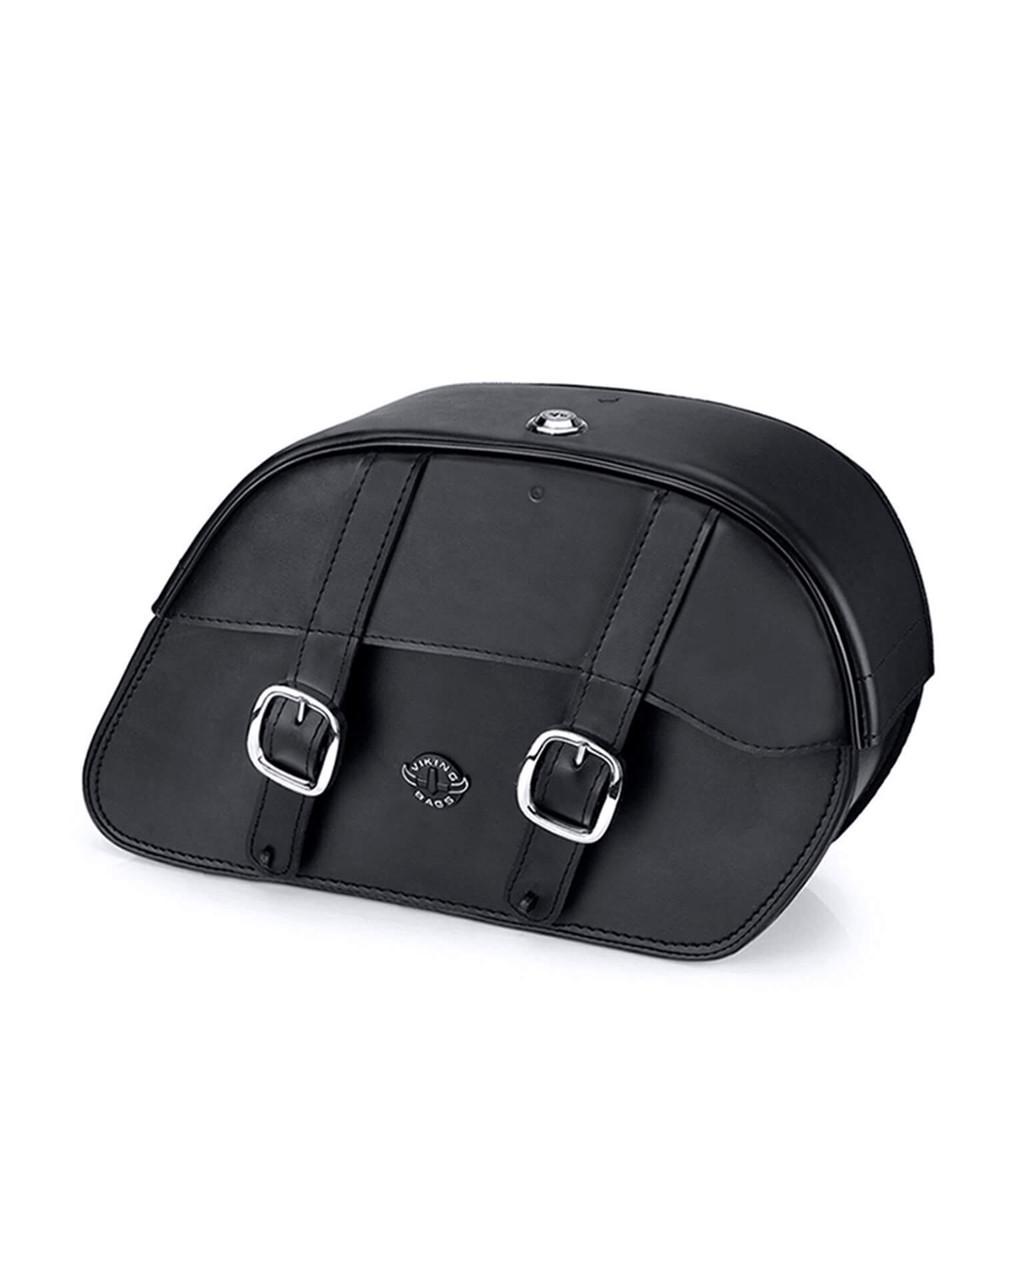 Honda 1100 Shadow Aero Charger Medium Slanted Motorcycle Saddlebags Main Bag View